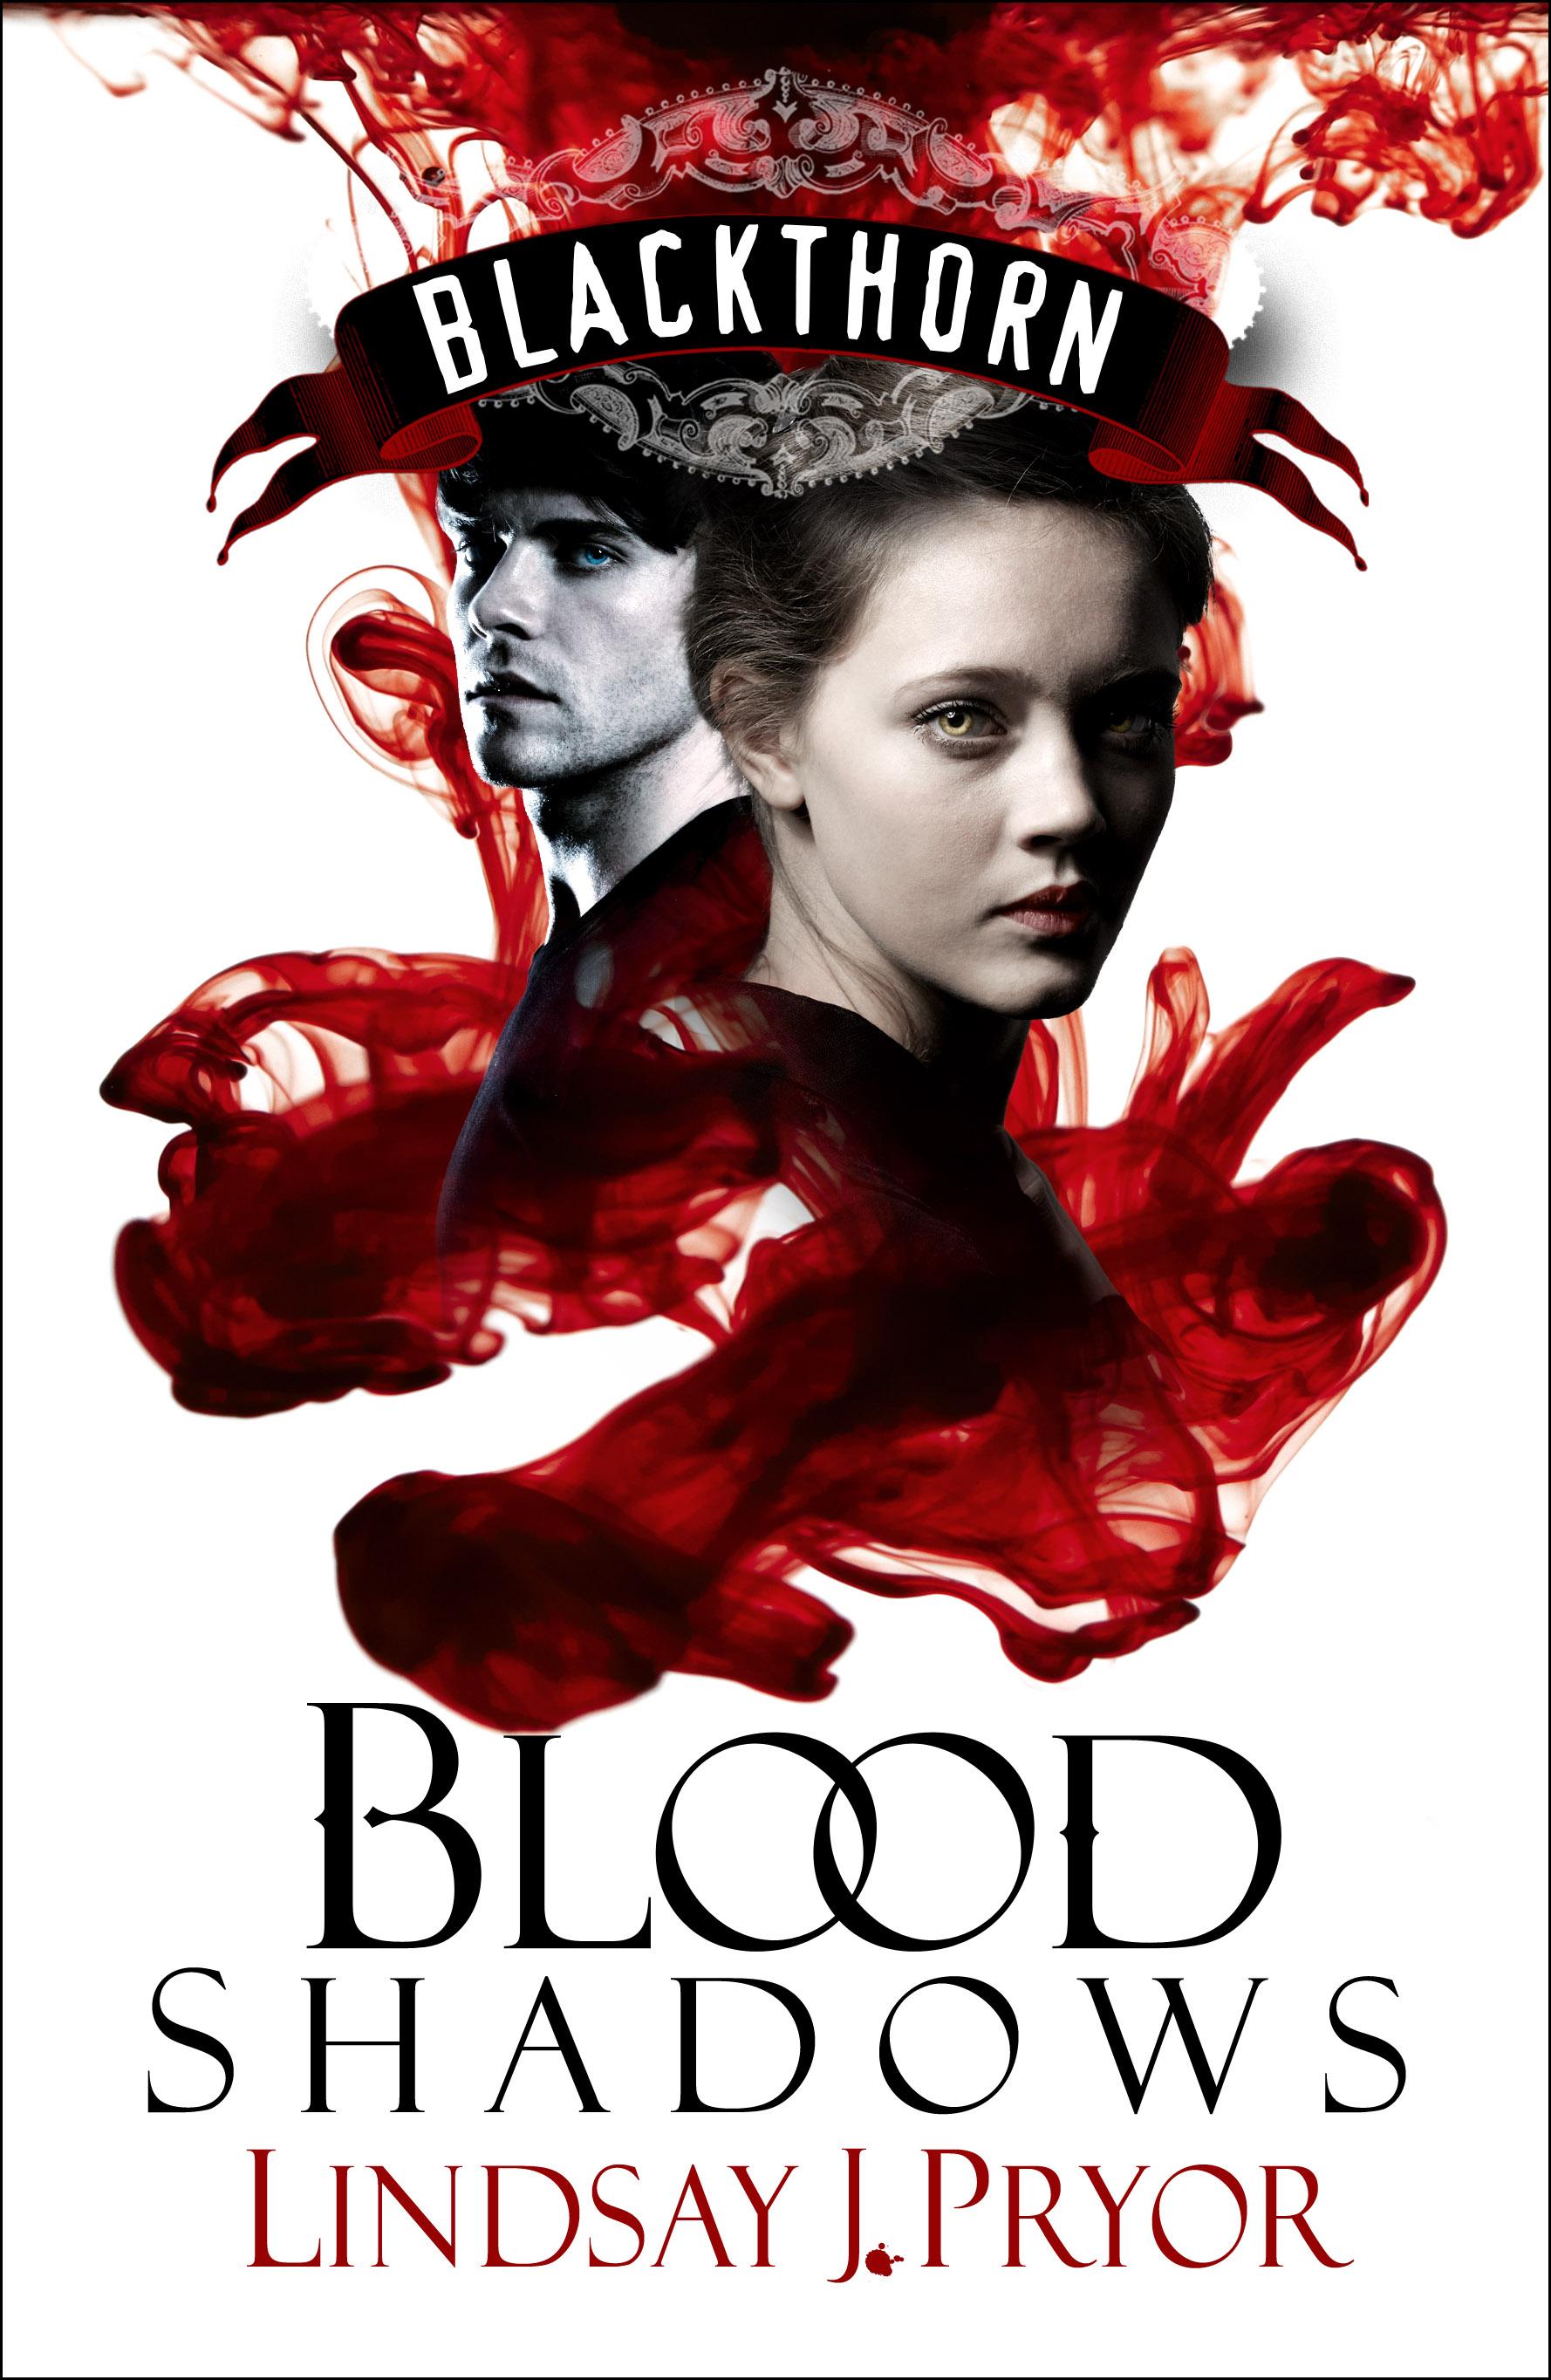 Blood Shadows cover image - Lindsay J. Pryor